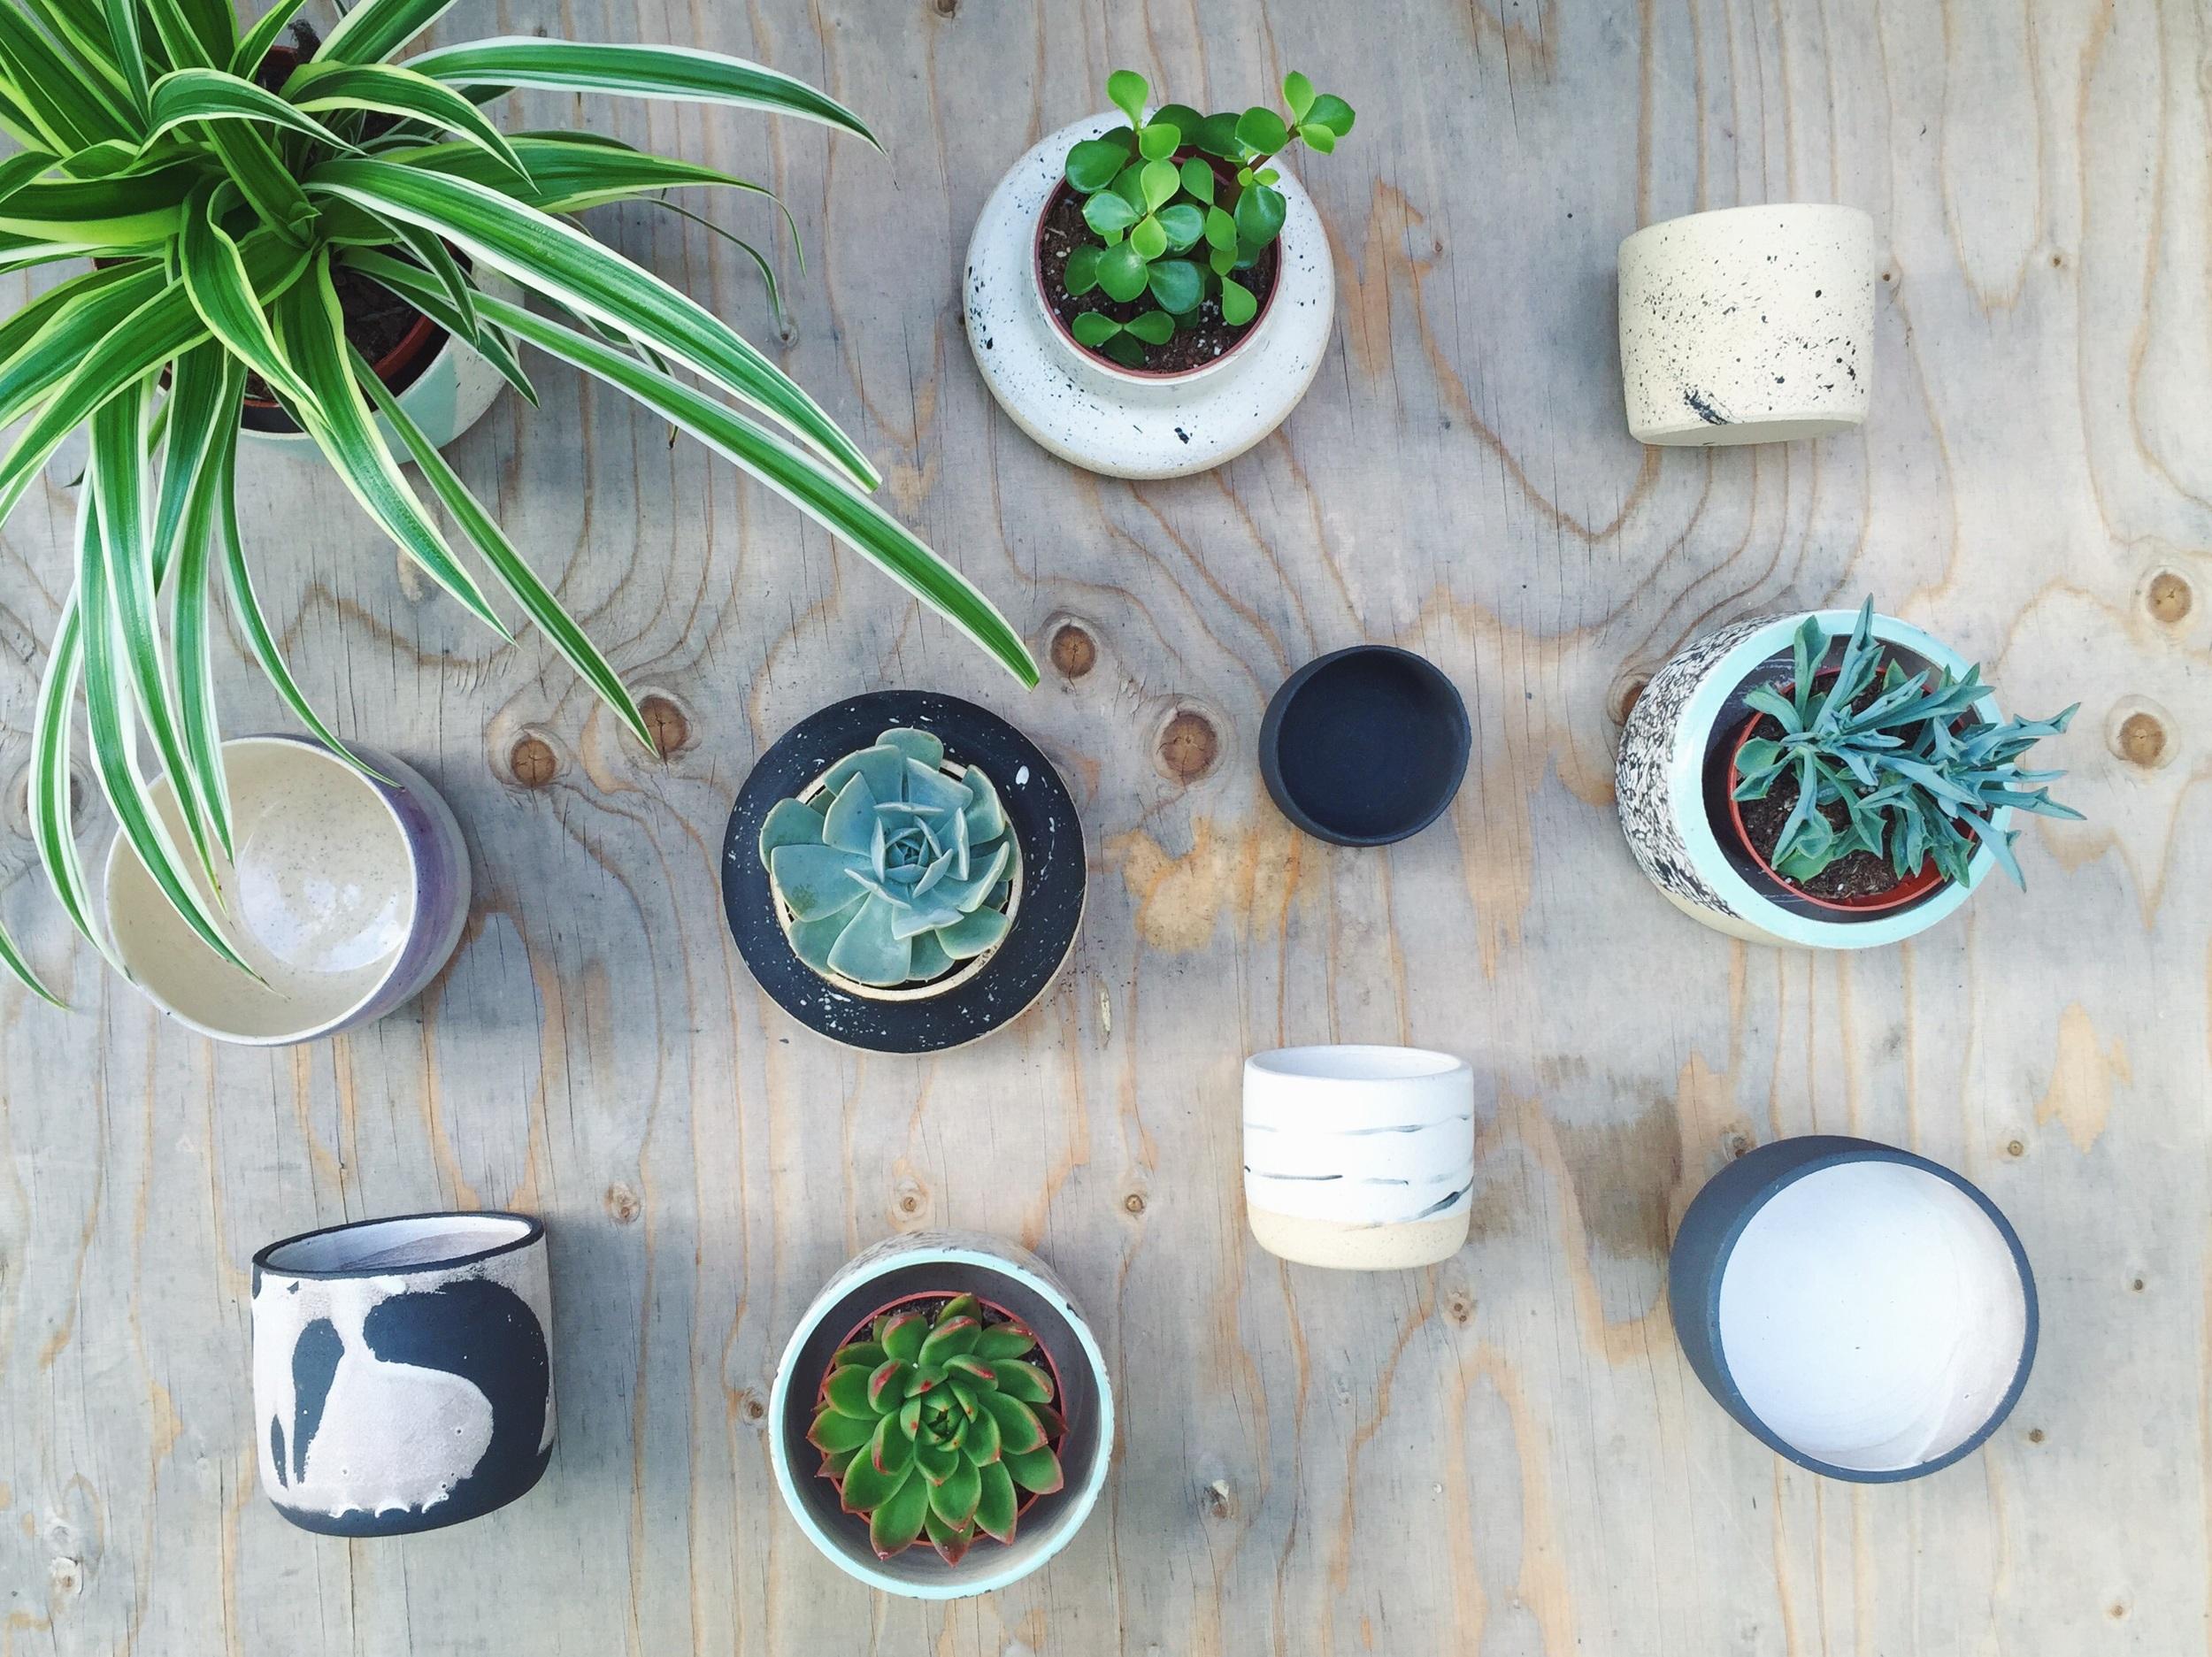 Tilly Hemingway Ceramics